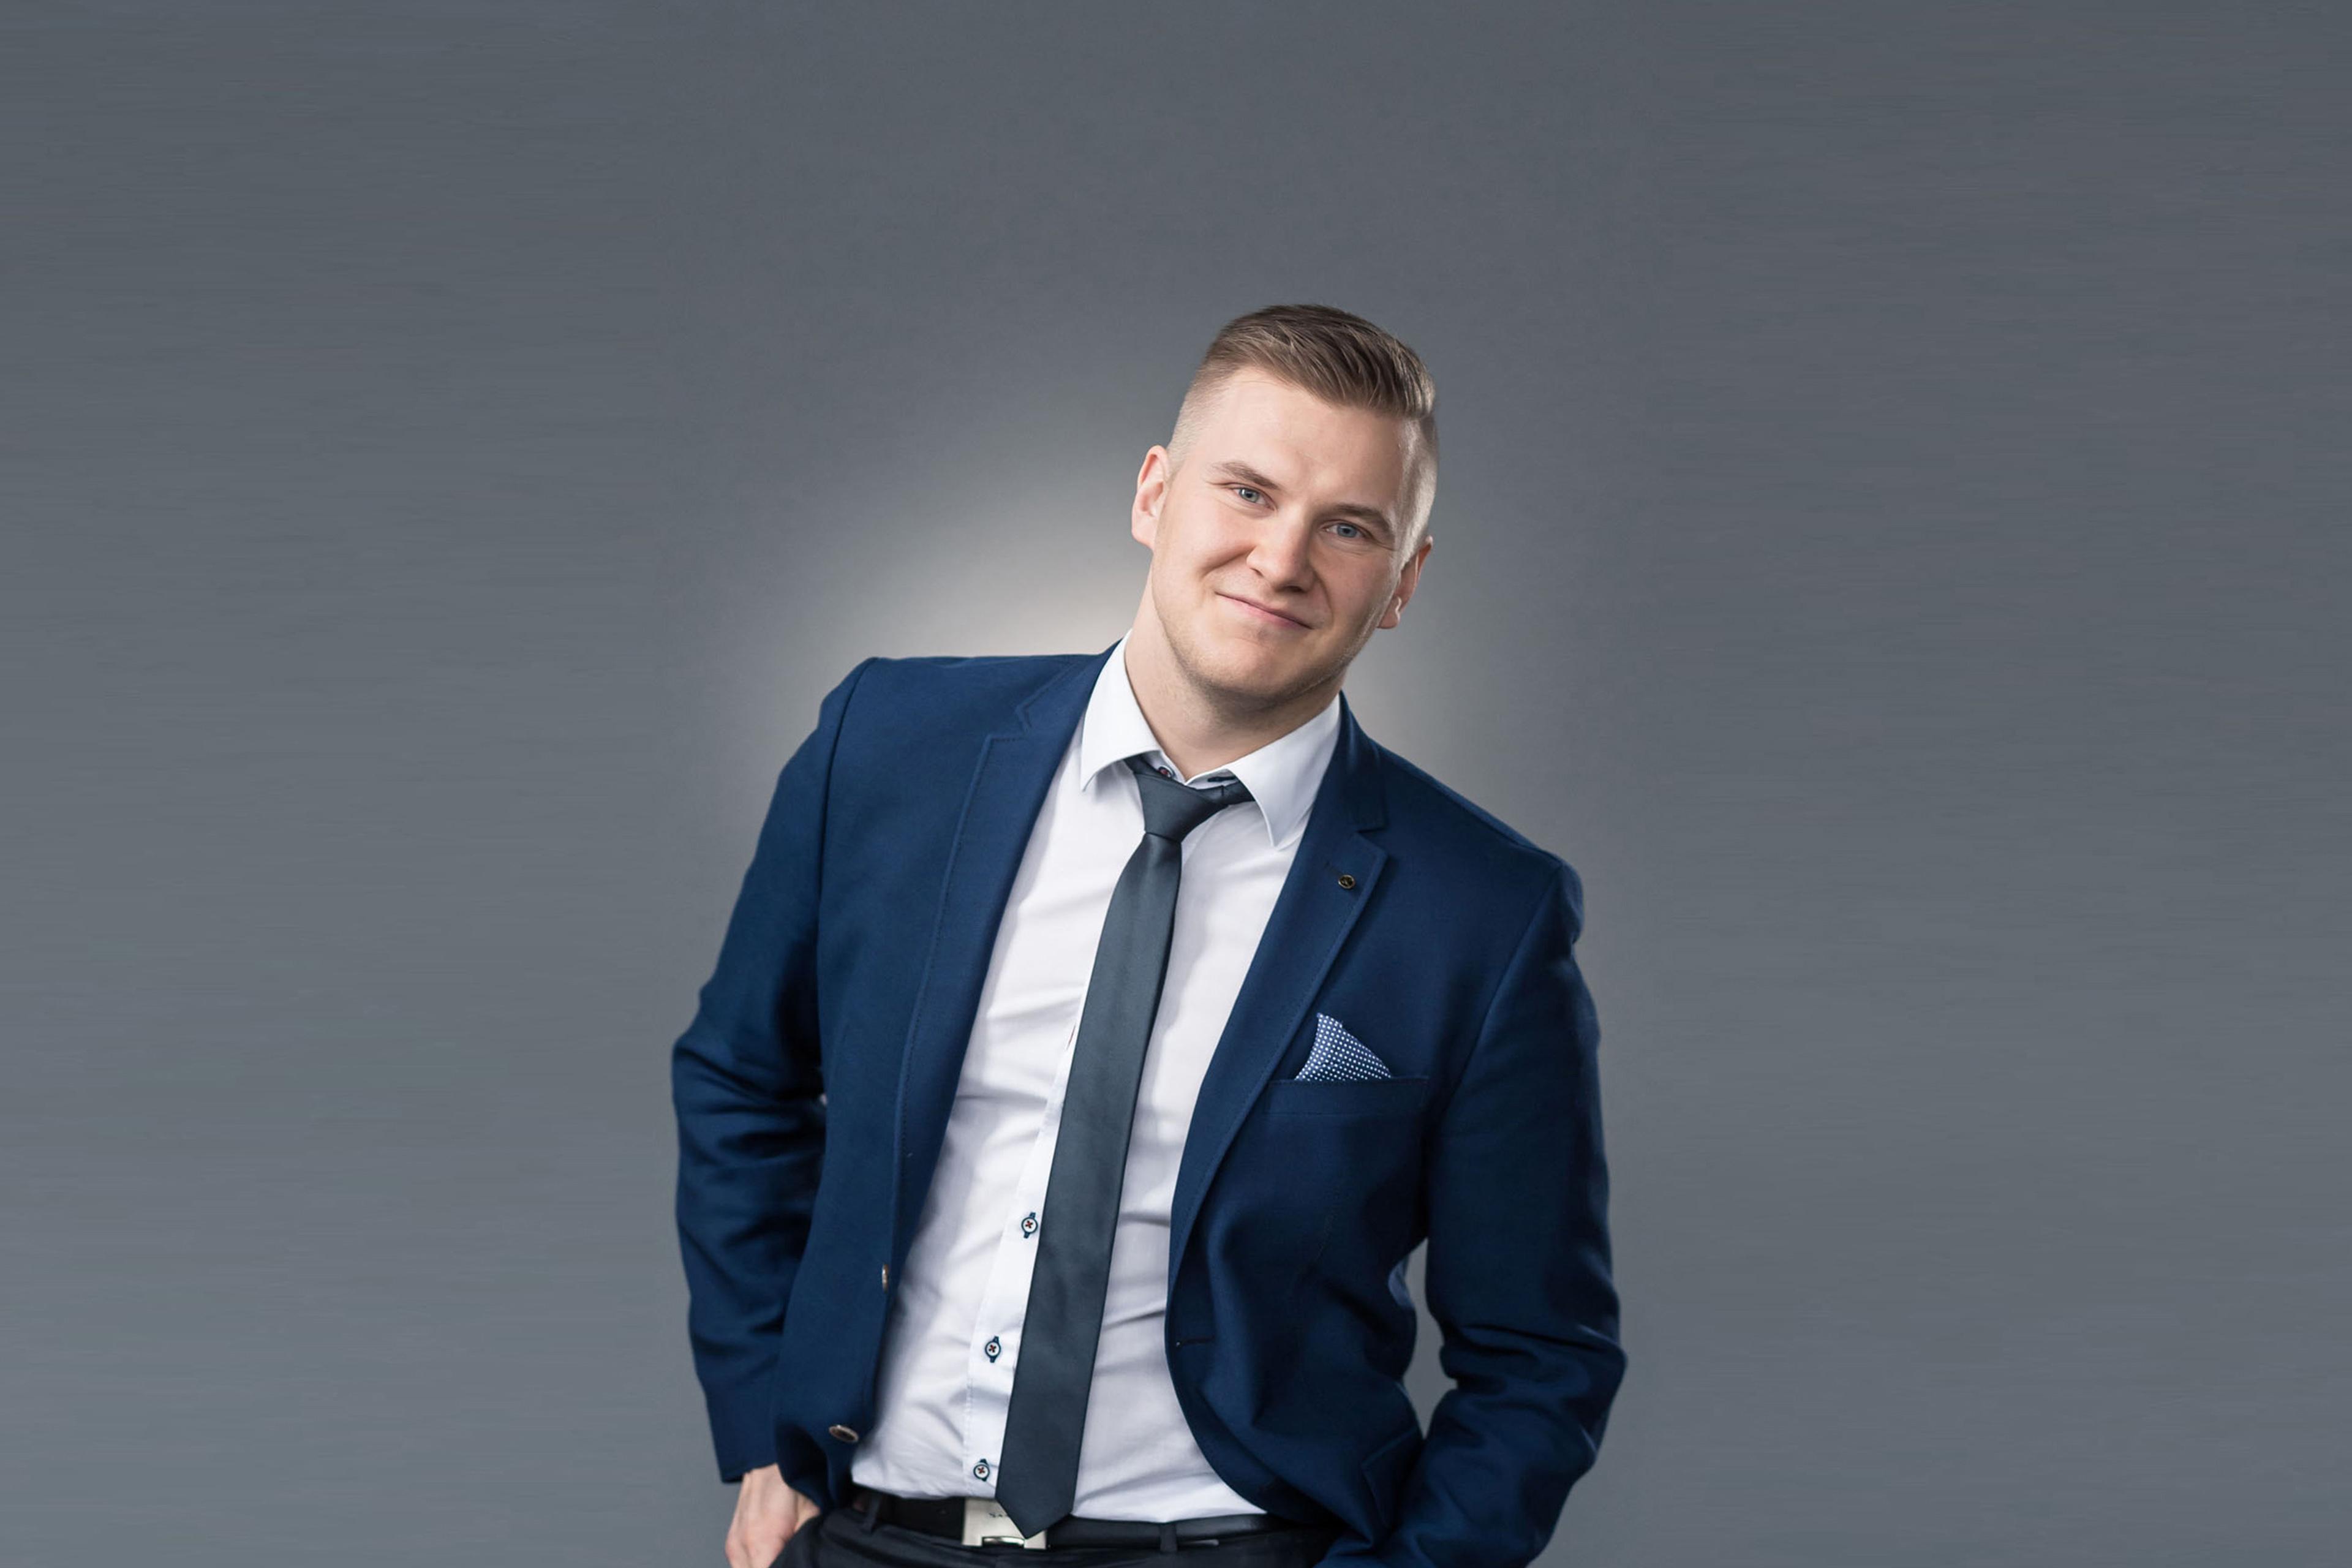 2019 Entrepreneur Samu Hällfors